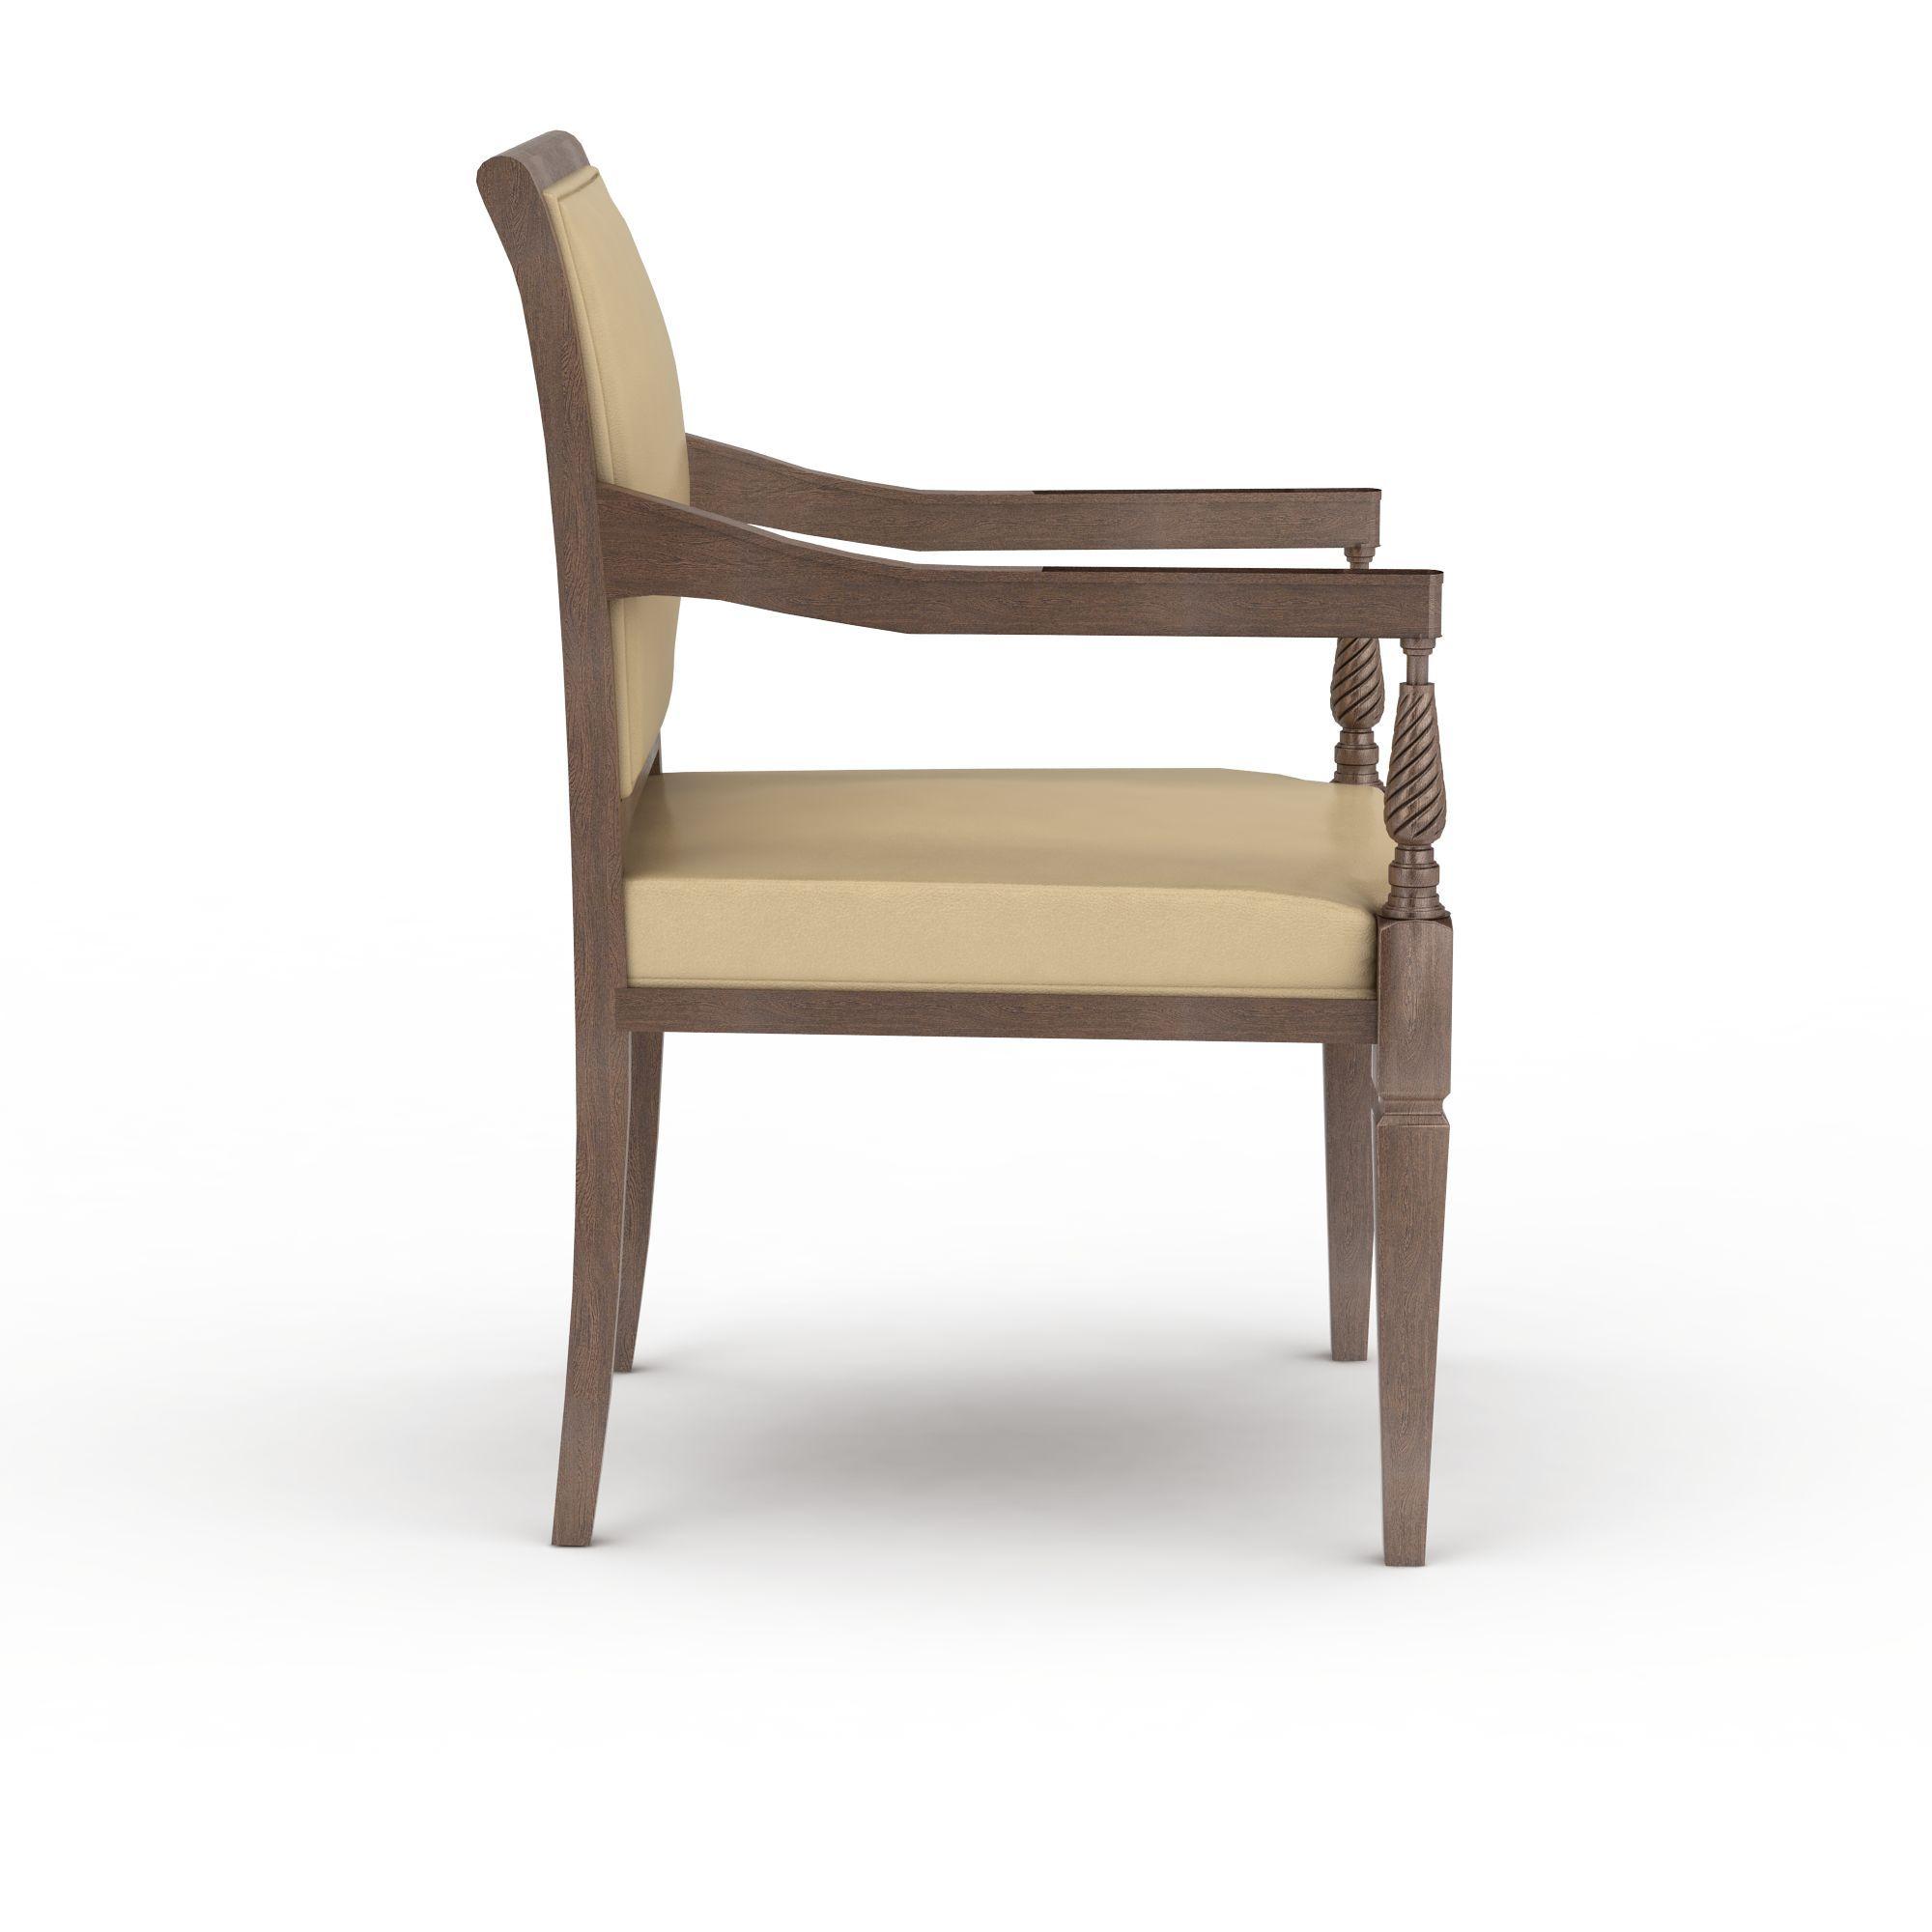 中式木质餐椅高清图下载